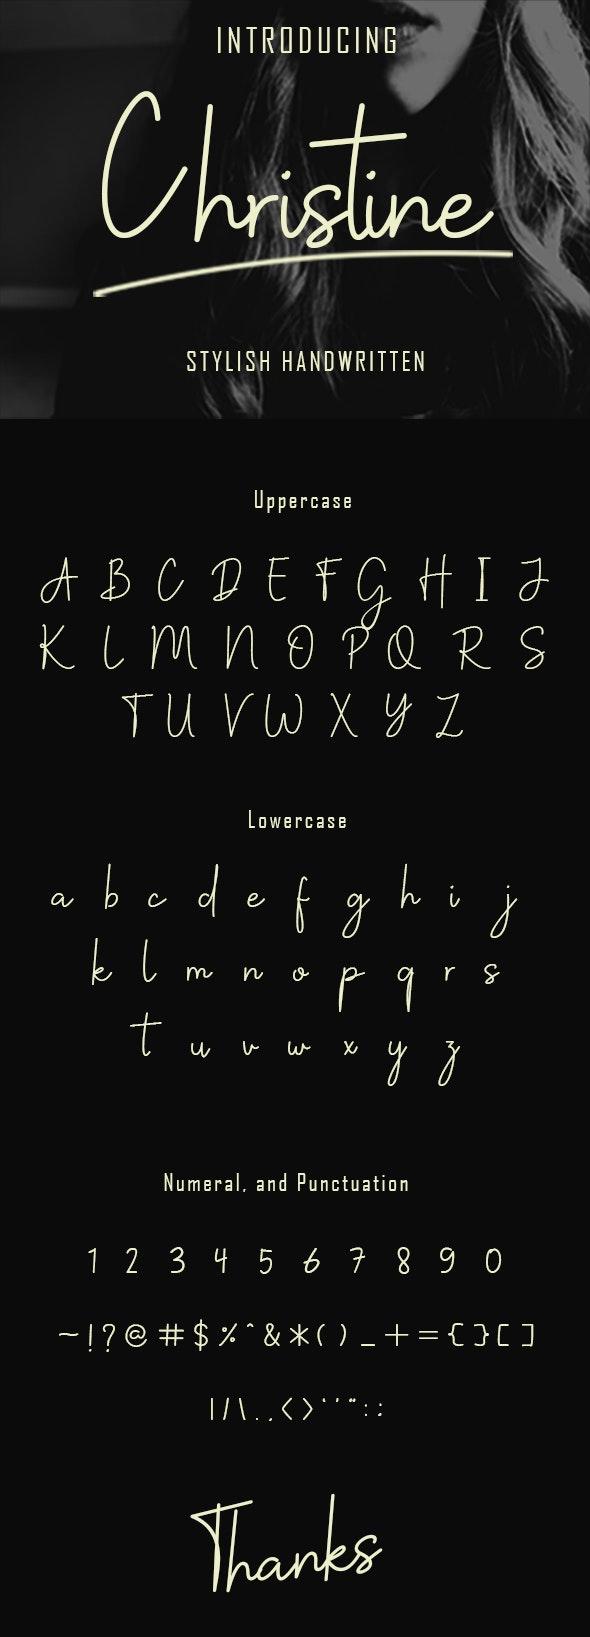 Christine Stylish Handwritten - Hand-writing Script